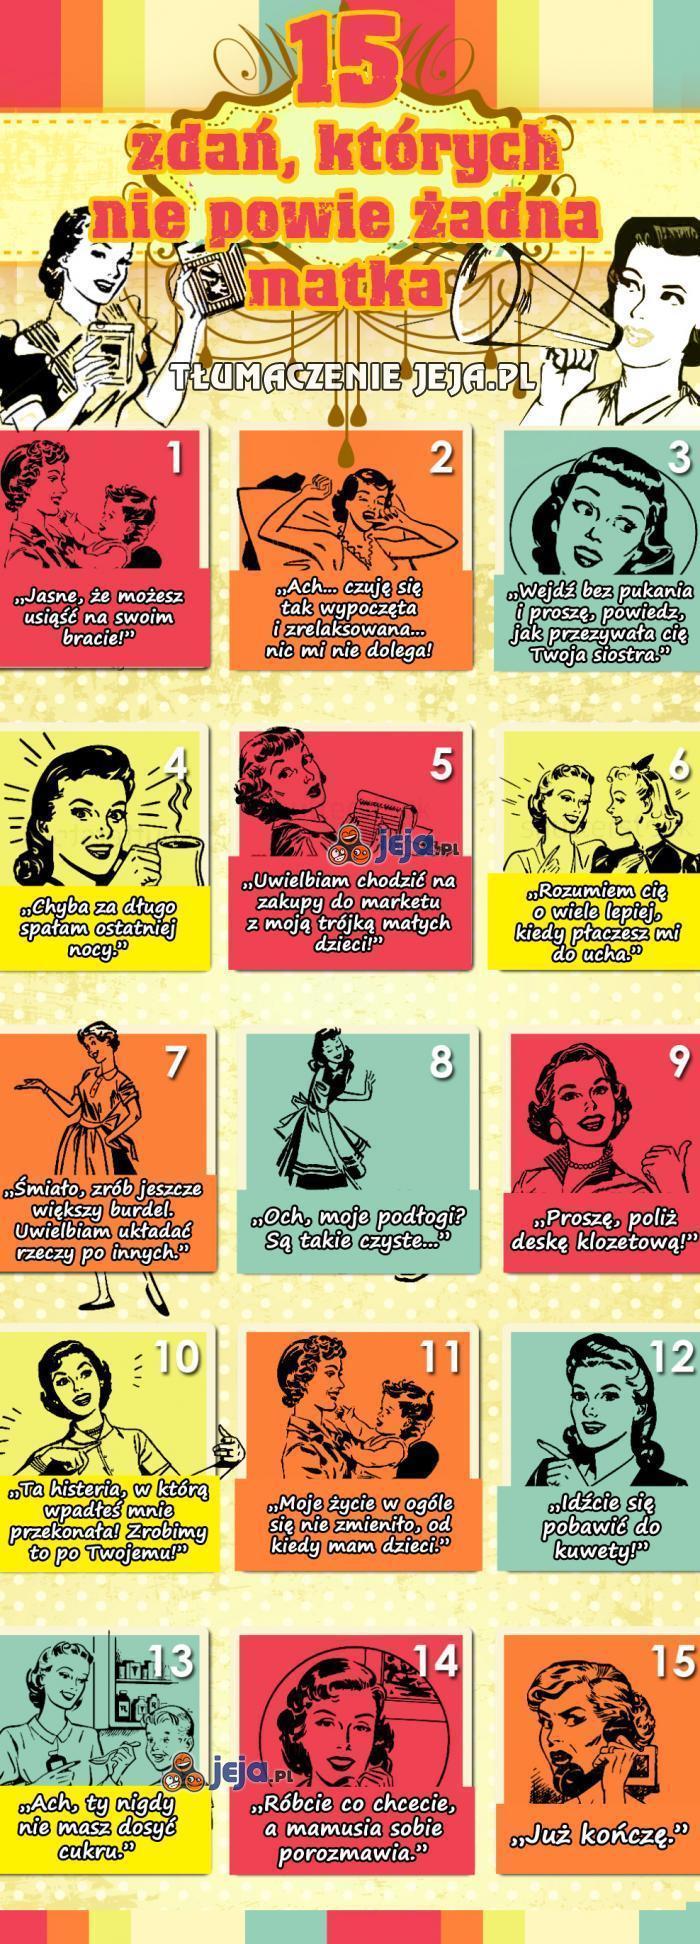 15 zdań, których nie powie żadna matka